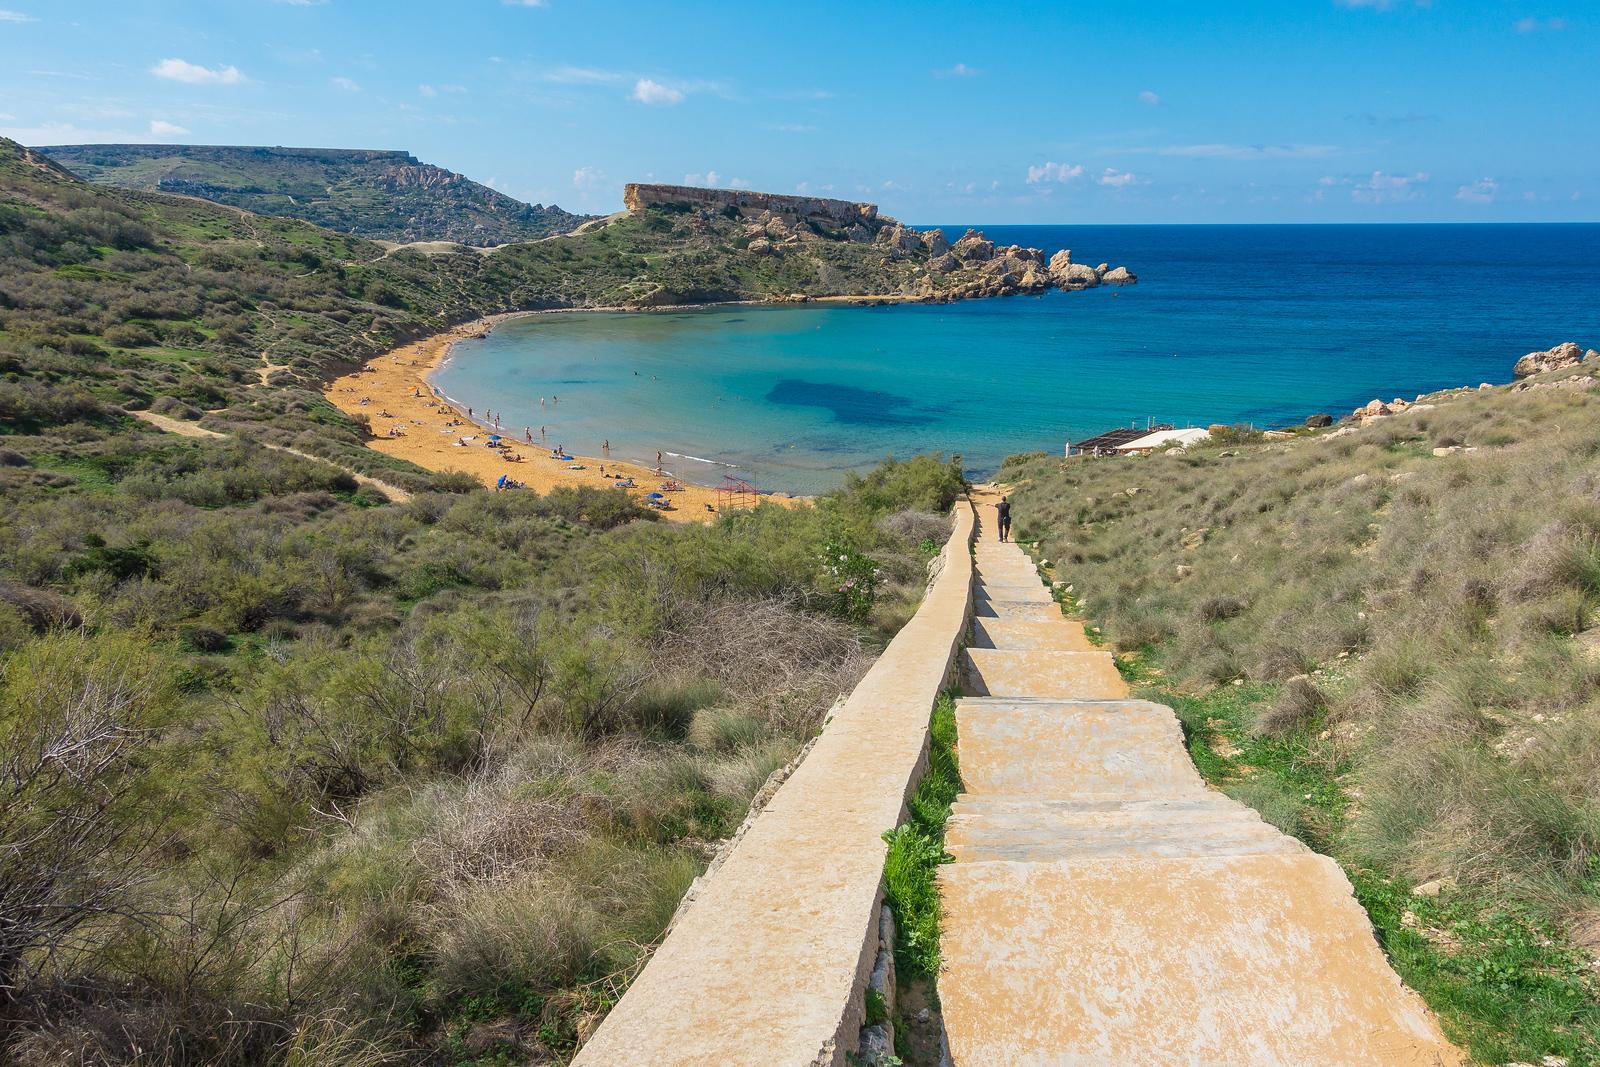 Malta Pictures - Għajn Tuffieħa Bay hidden beach